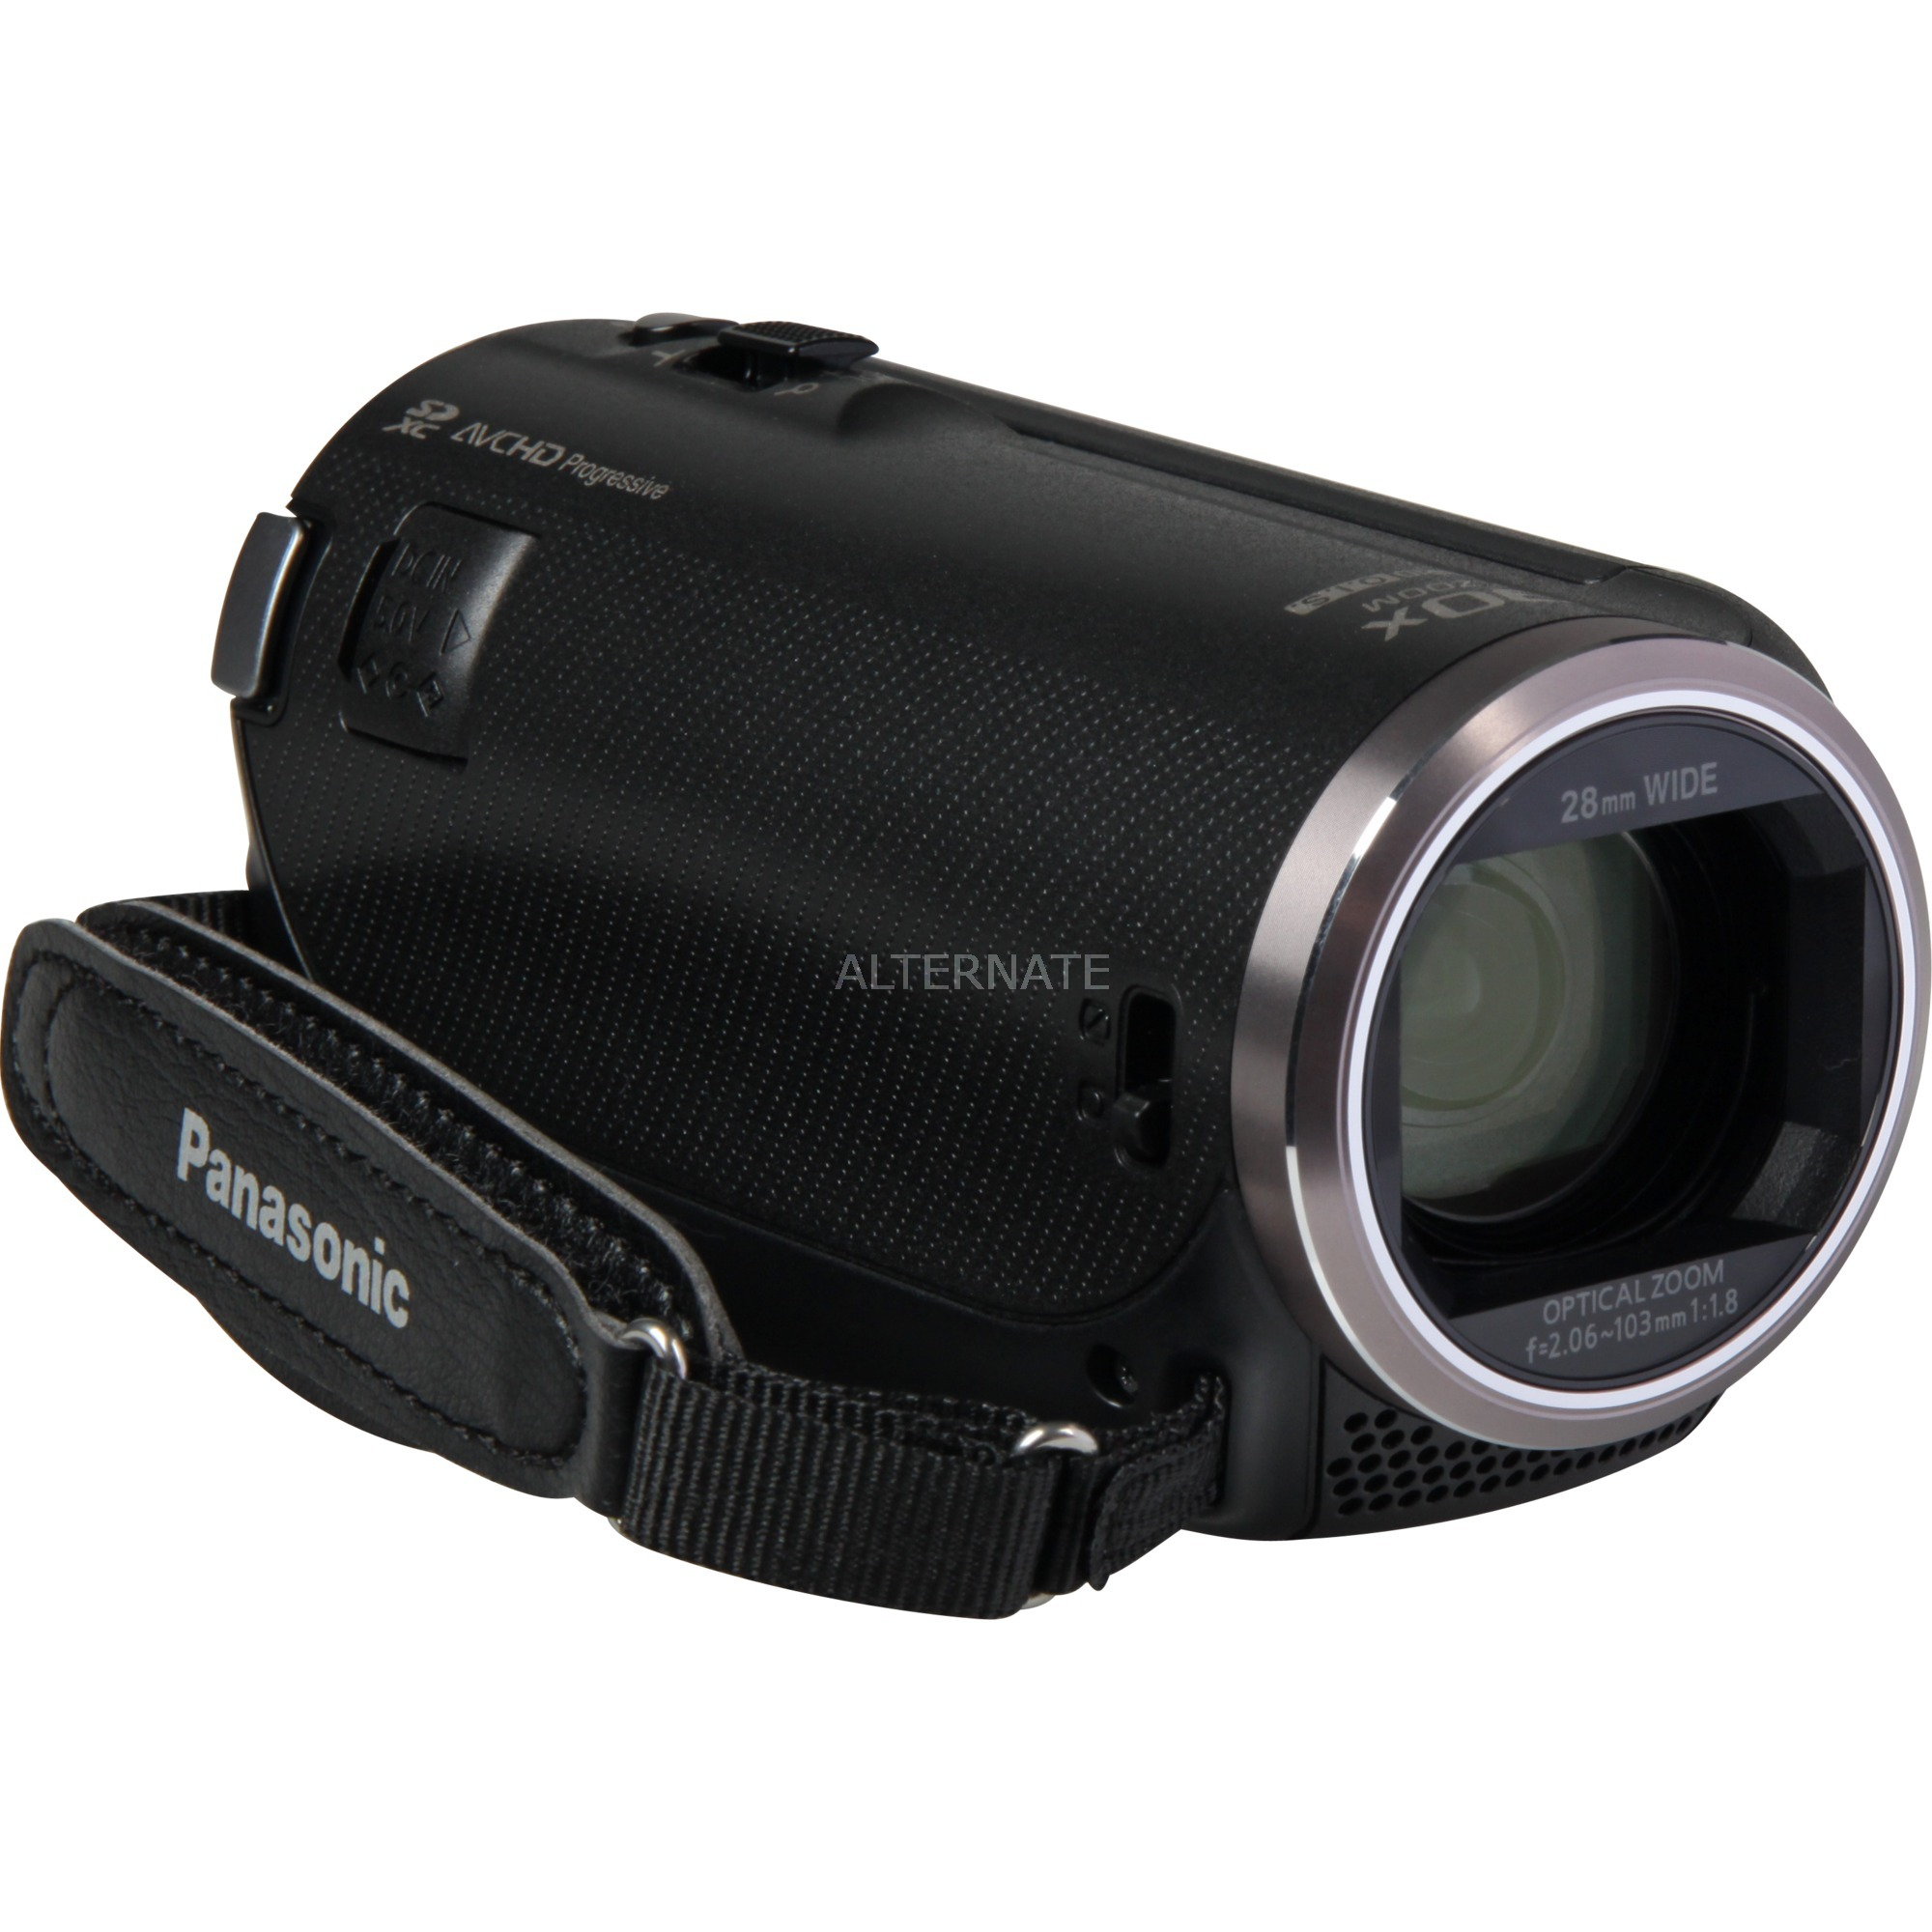 HC-V180EG-K Caméscope portatif 2.51MP MOS BSI Full HD Noir caméscope numérique, Caméra vidéo